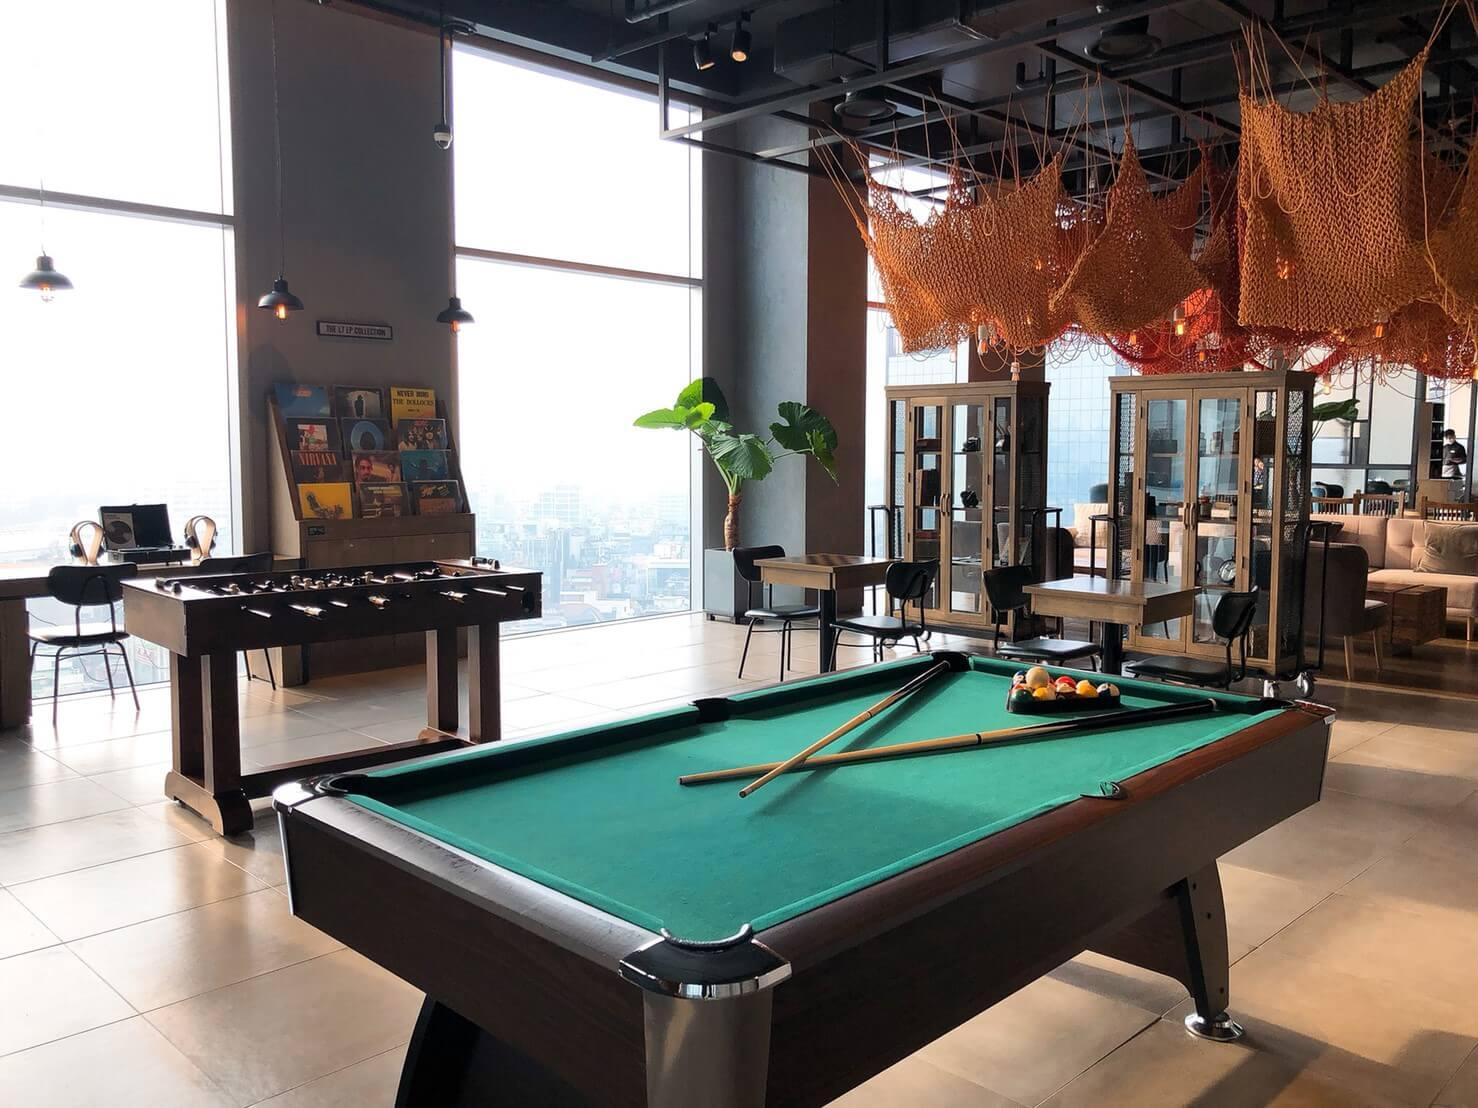 首爾住宿推薦_弘大L7樂天飯店好評介紹_飯店內部公共設施很棒_撞球檯